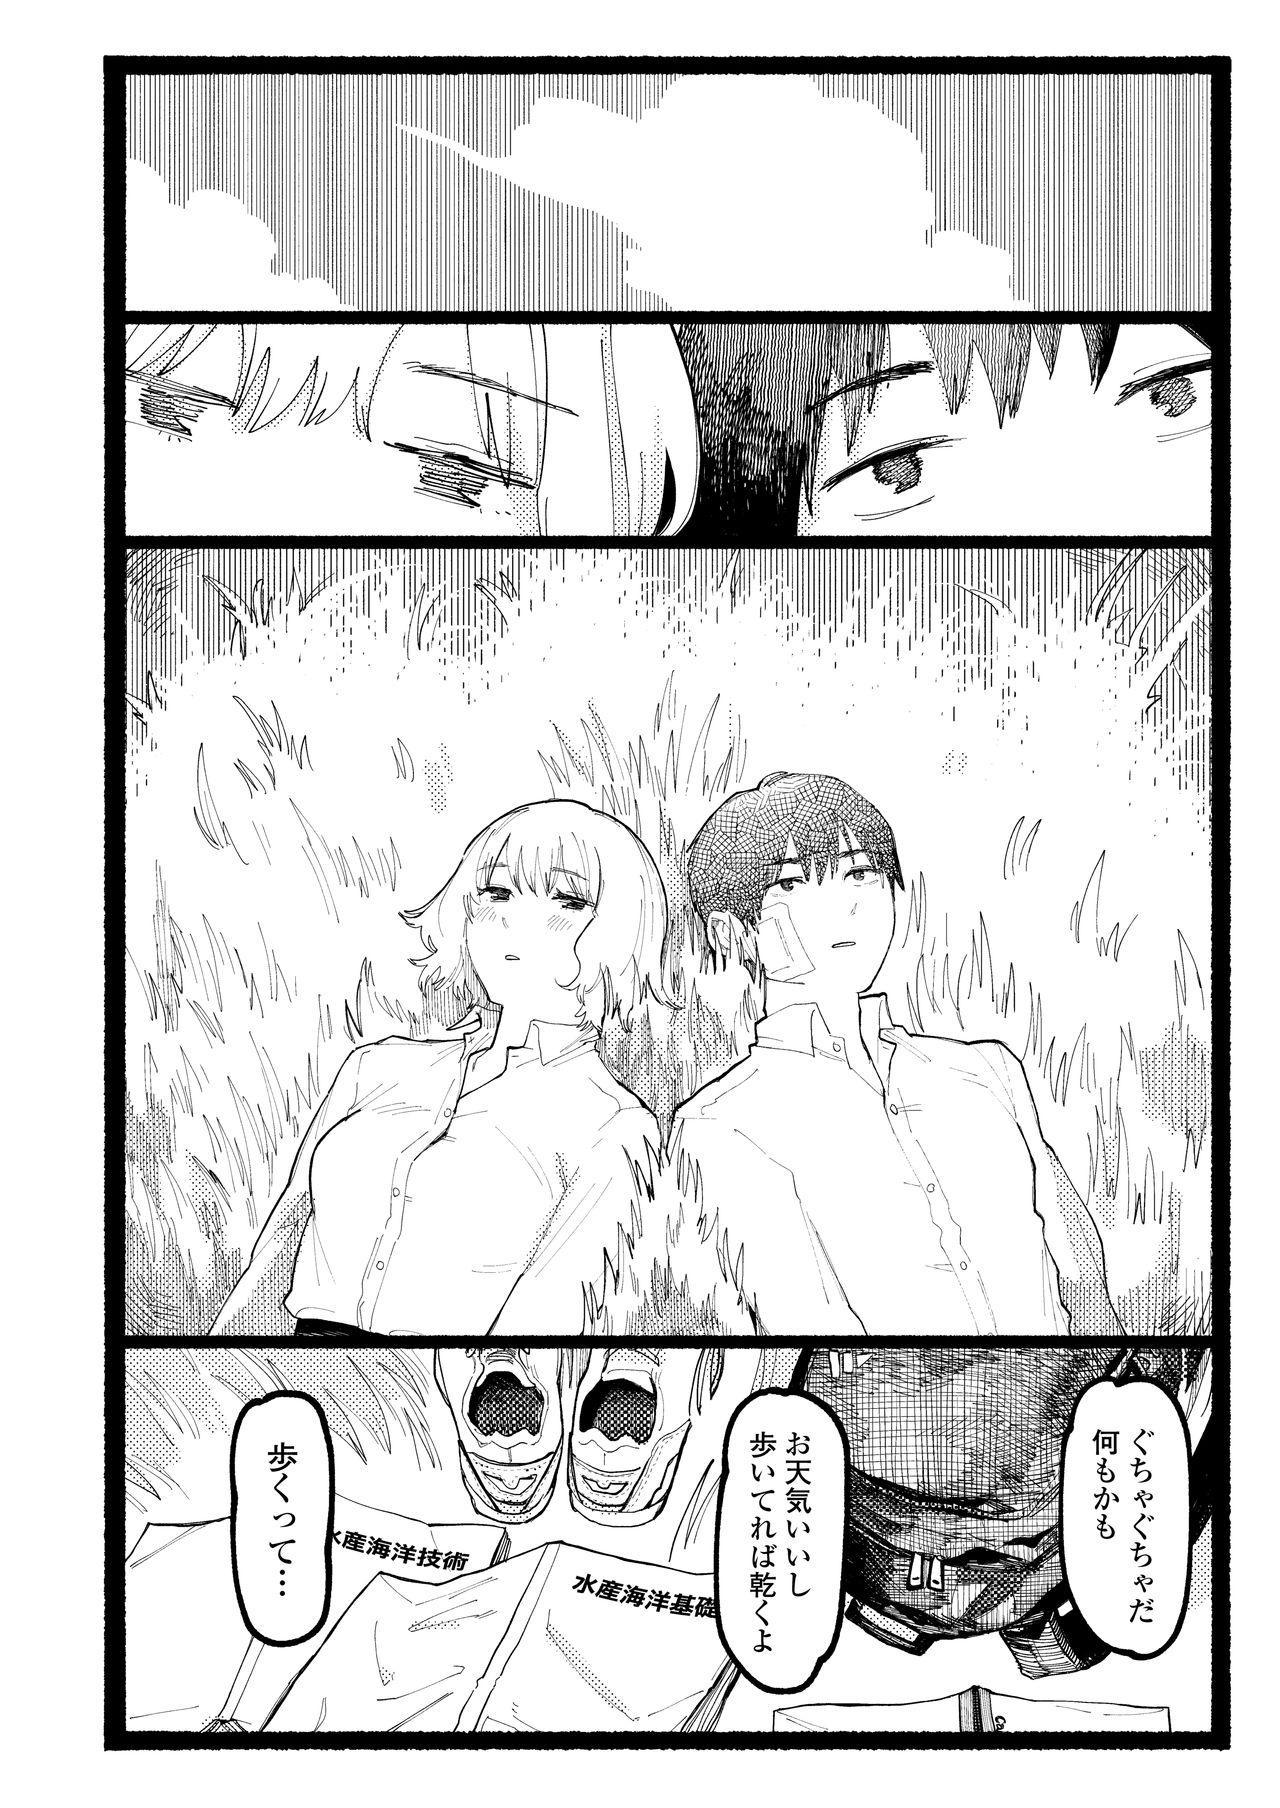 COMIC AOHA 2021 Natsu 347